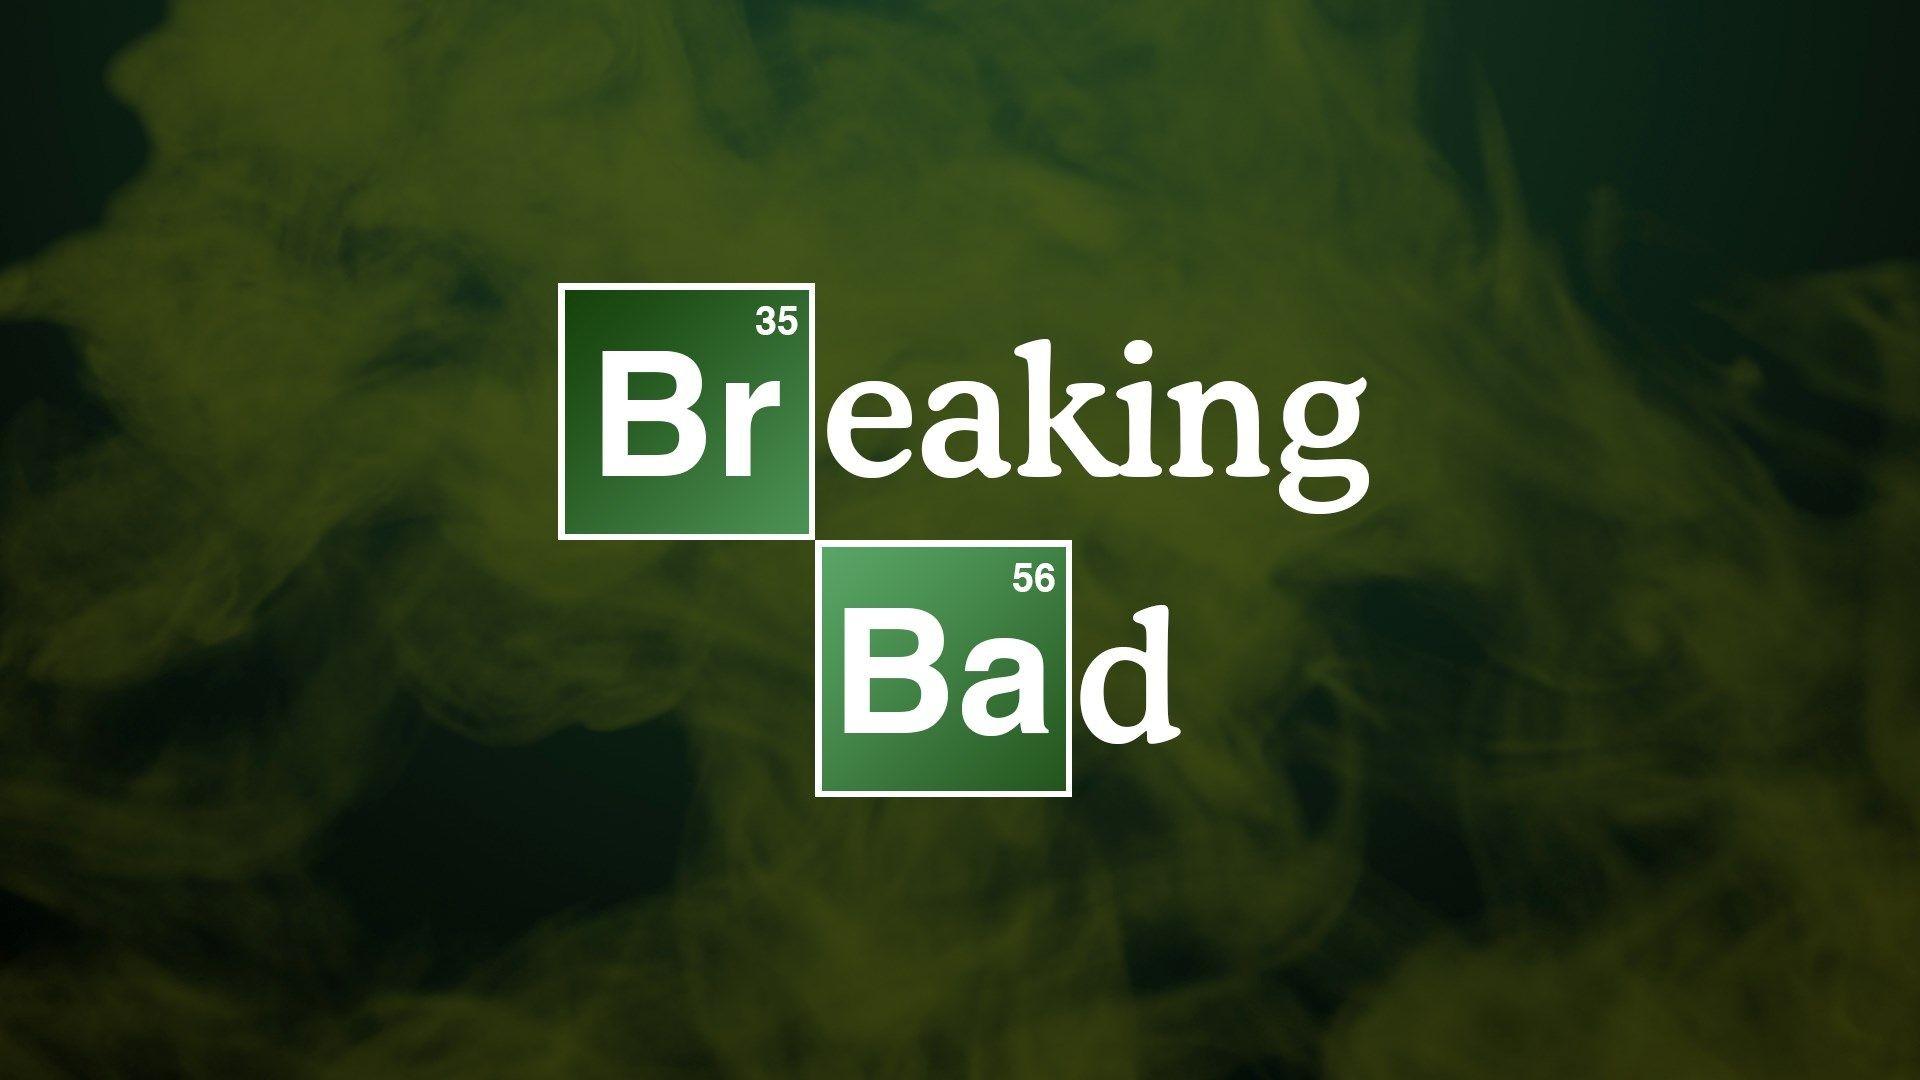 breaking bad wallpaper 74221